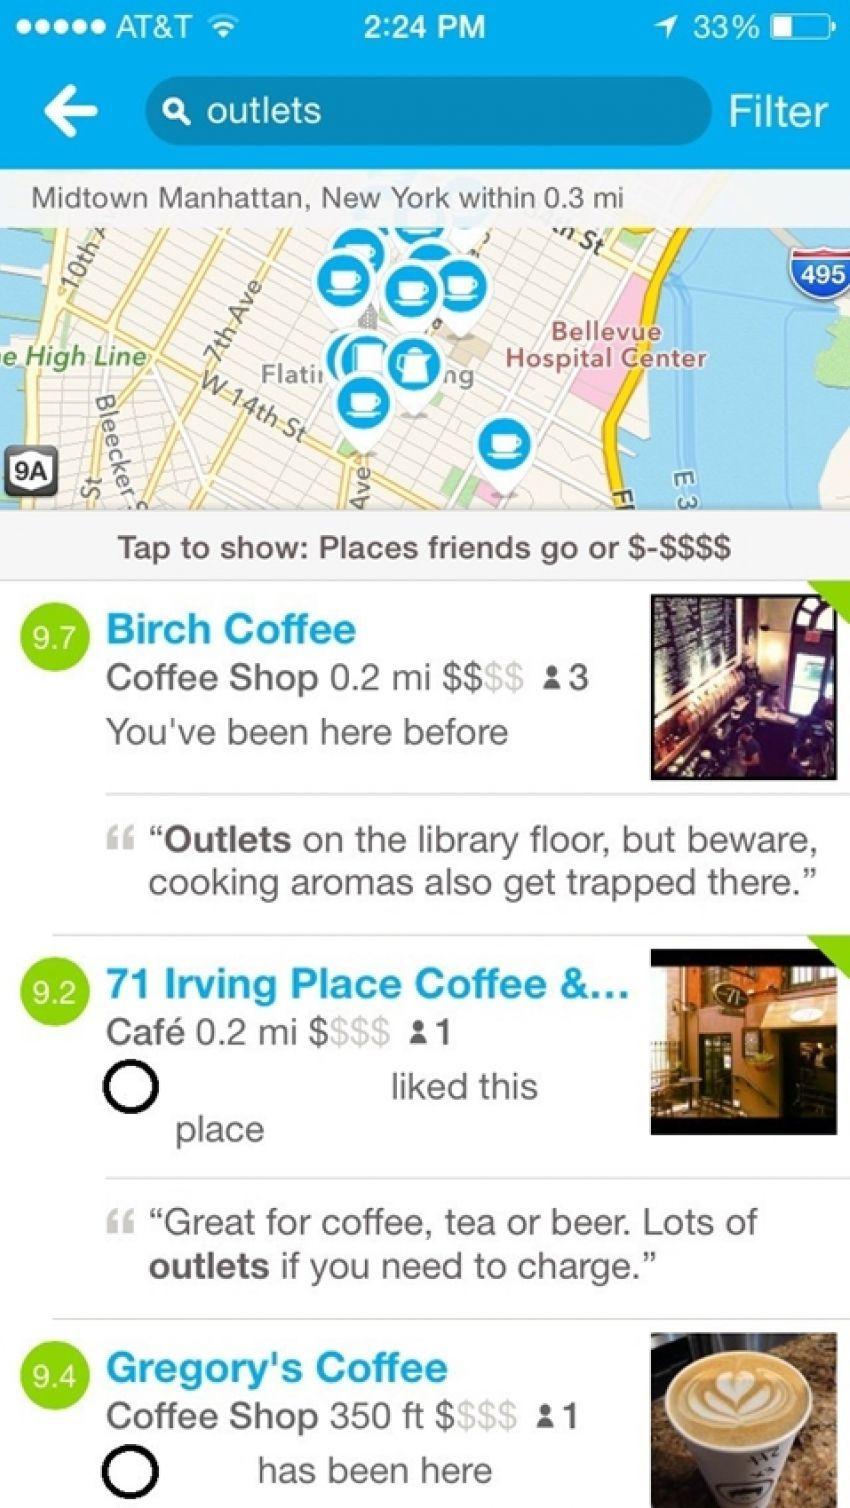 Vjerujemo da ste svi čuli za aplikaciju Foursquare - društvenu mrežu pomoću koje se označavate na raznovrsnim lokacijama i time ostvarujete različite pogodnosti. No to nije jedino za što je možete rabiti!  Foursquare je ujedno i izvrstan planer, a do